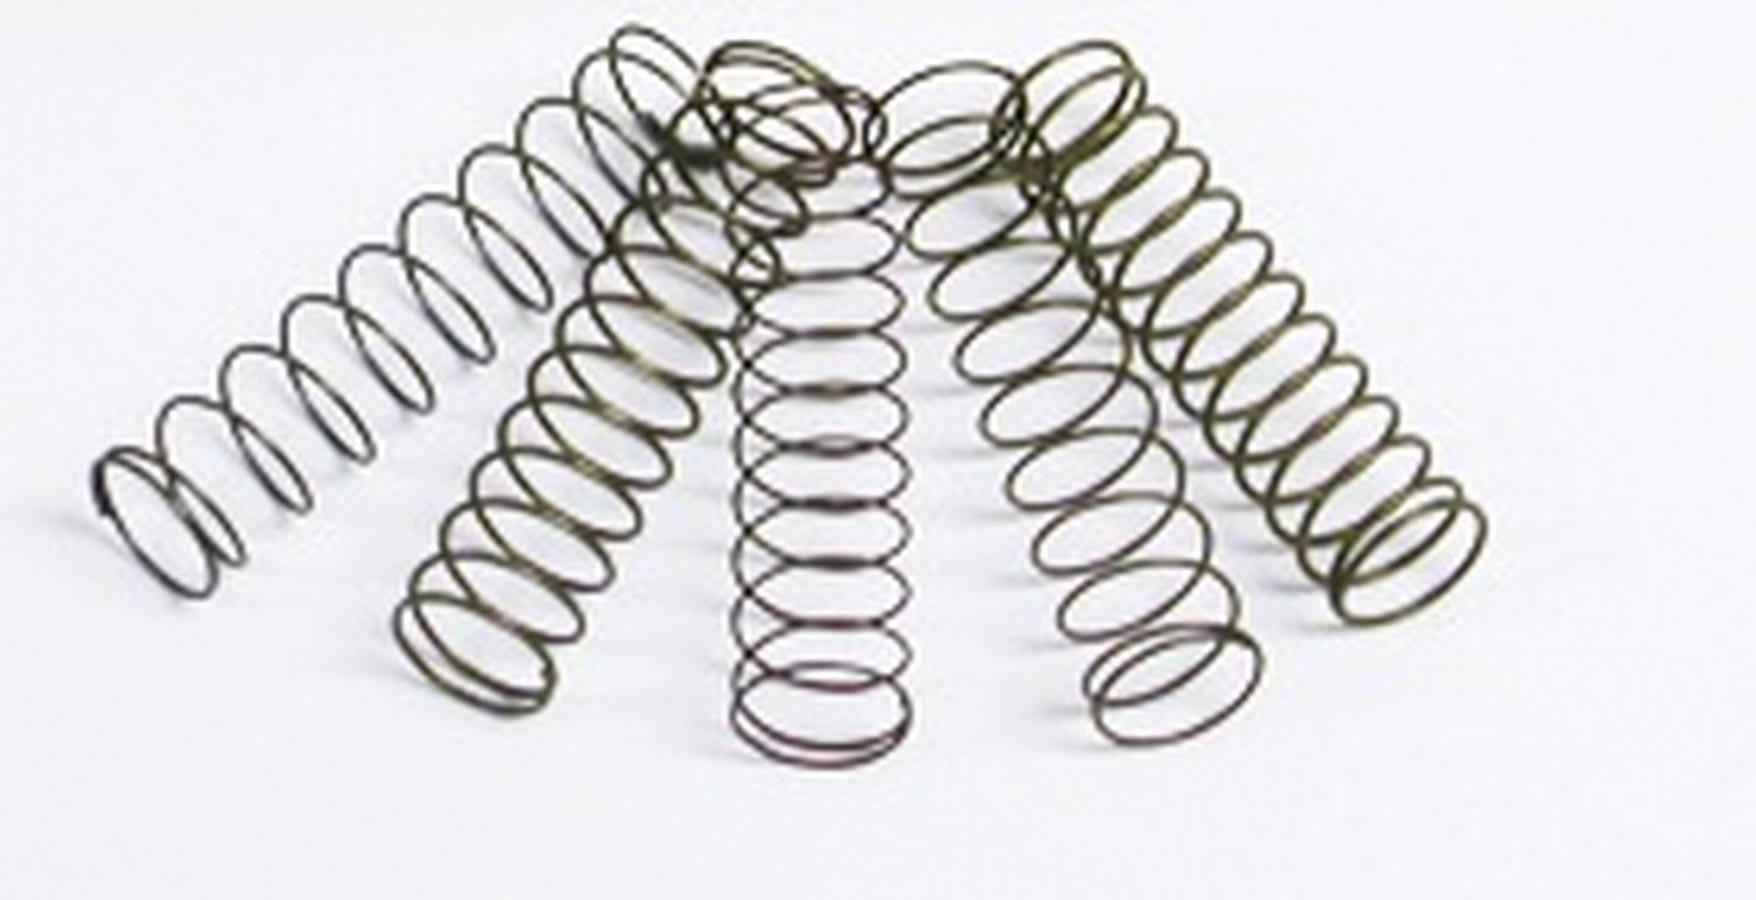 Kinsler 3303 Bypass Valve Spring Kit, 0.016 to 0.024 in Wire Diameter, Steel, Kinsler Bypass Valve, Kit